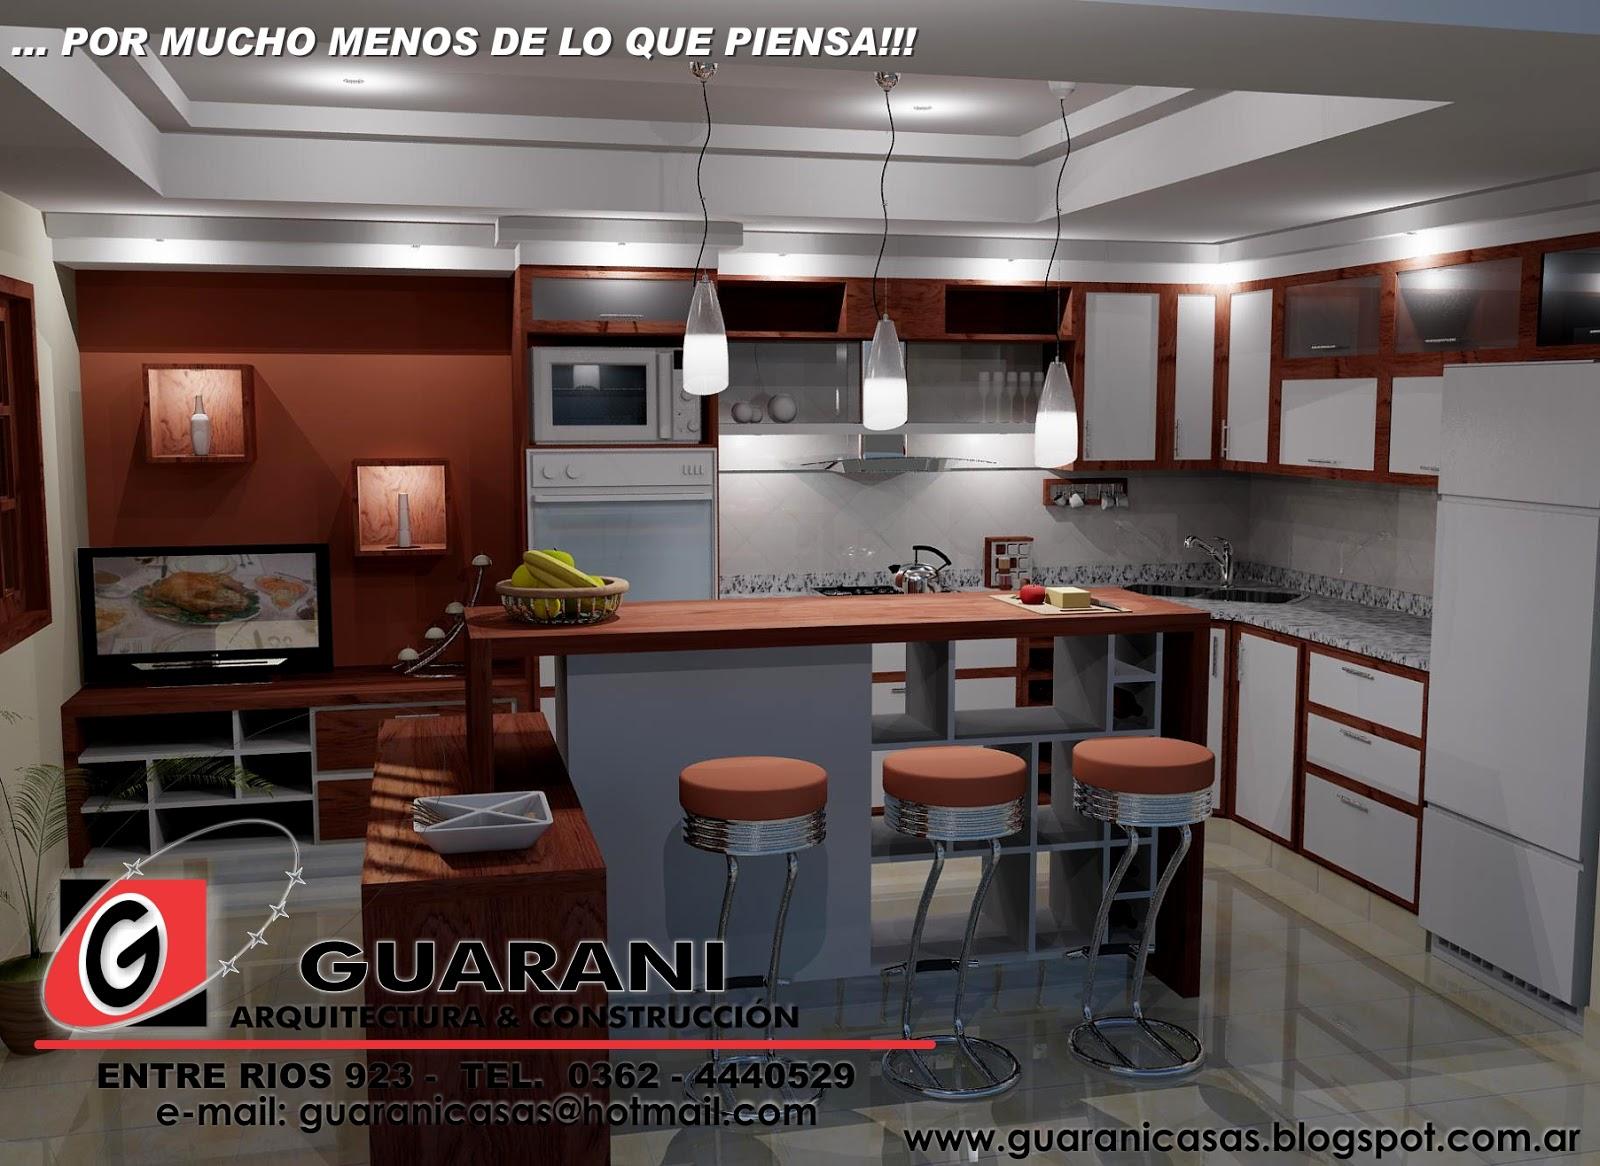 Arquitectura y construccion dise os de cocinas casa de for Diseno banos y cocinas